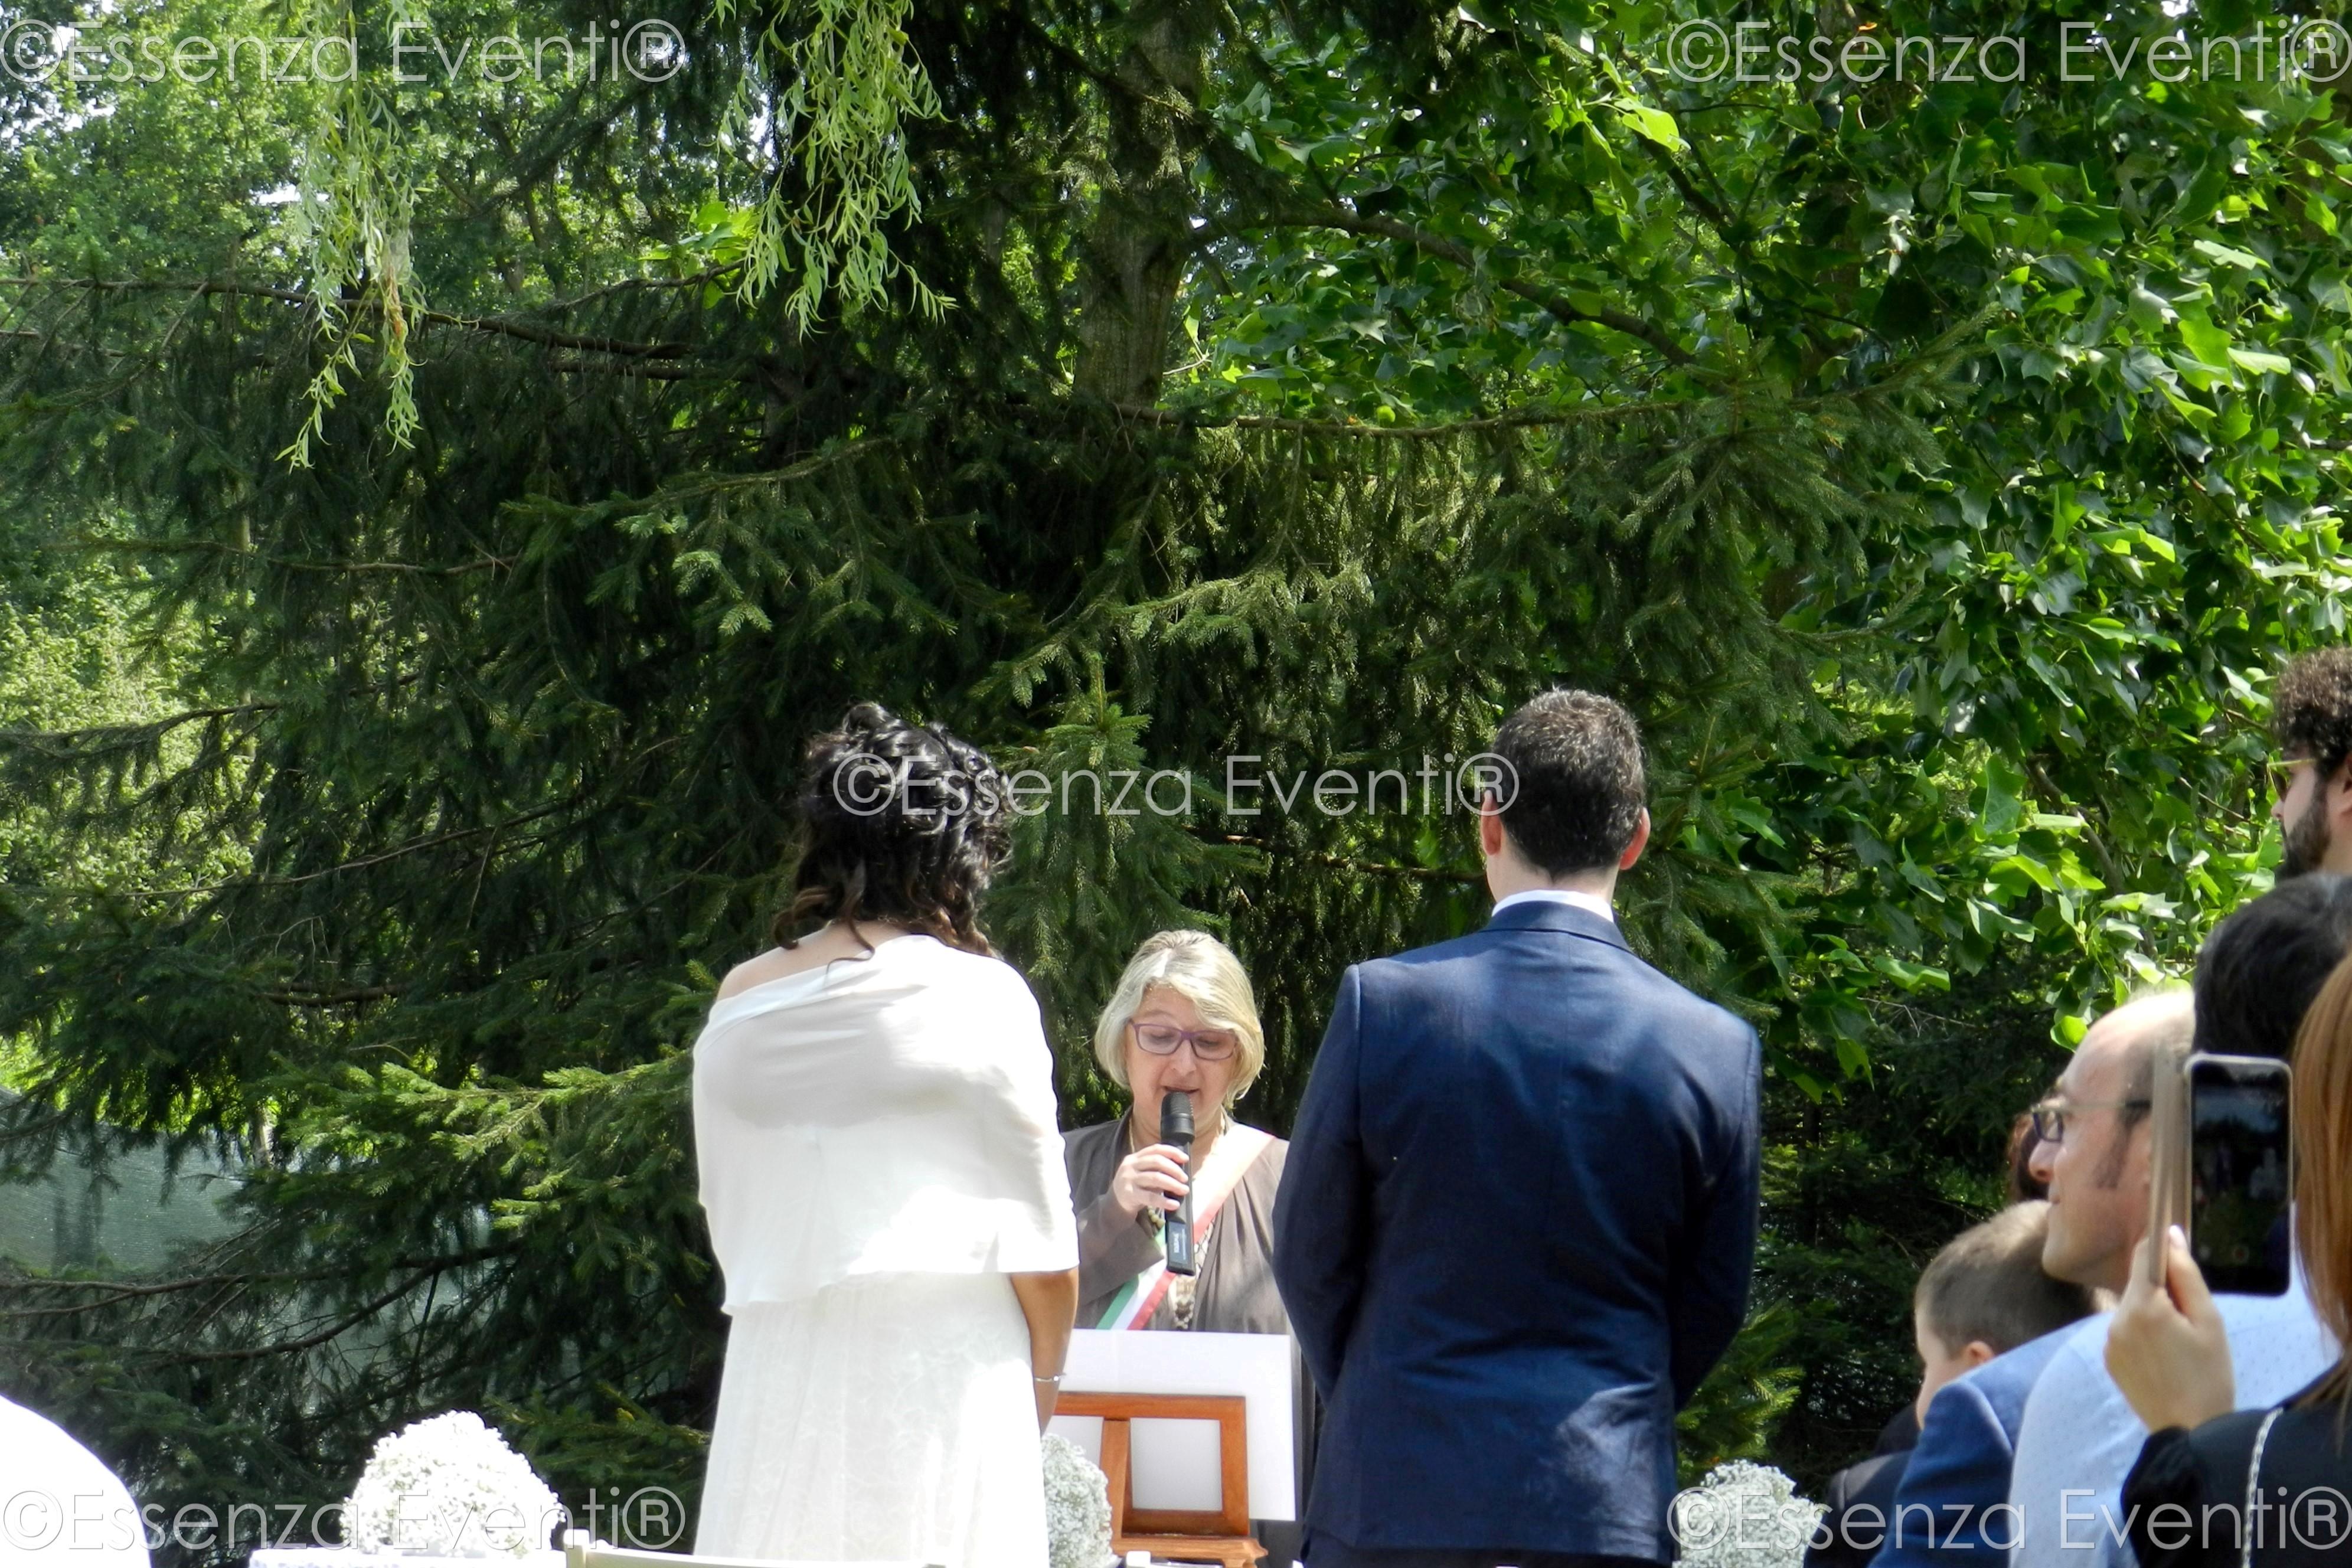 Celebrante Matrimonio Simbolico Puglia : Celebrante matrimonio simbolico puglia essenza eventi